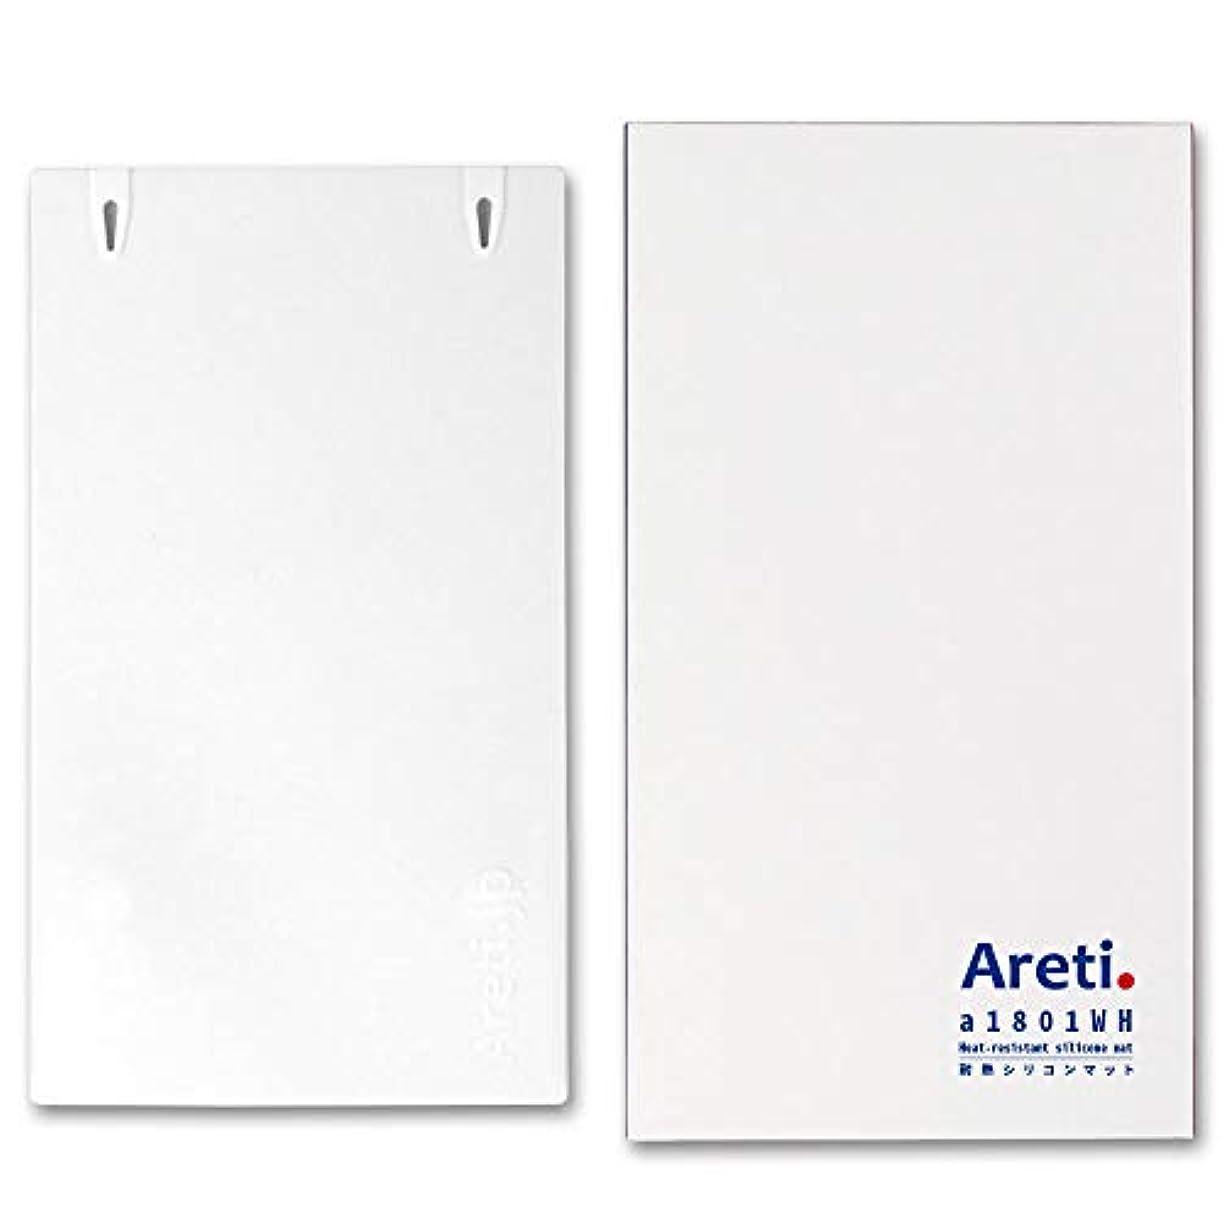 地下室強大な報酬Areti【日本 本社 正規品】ヘアアイロン用 耐熱マット アイロン置き シリコン コード収納 旅行 出張 携帯 持ち運びに便利 a1801WH